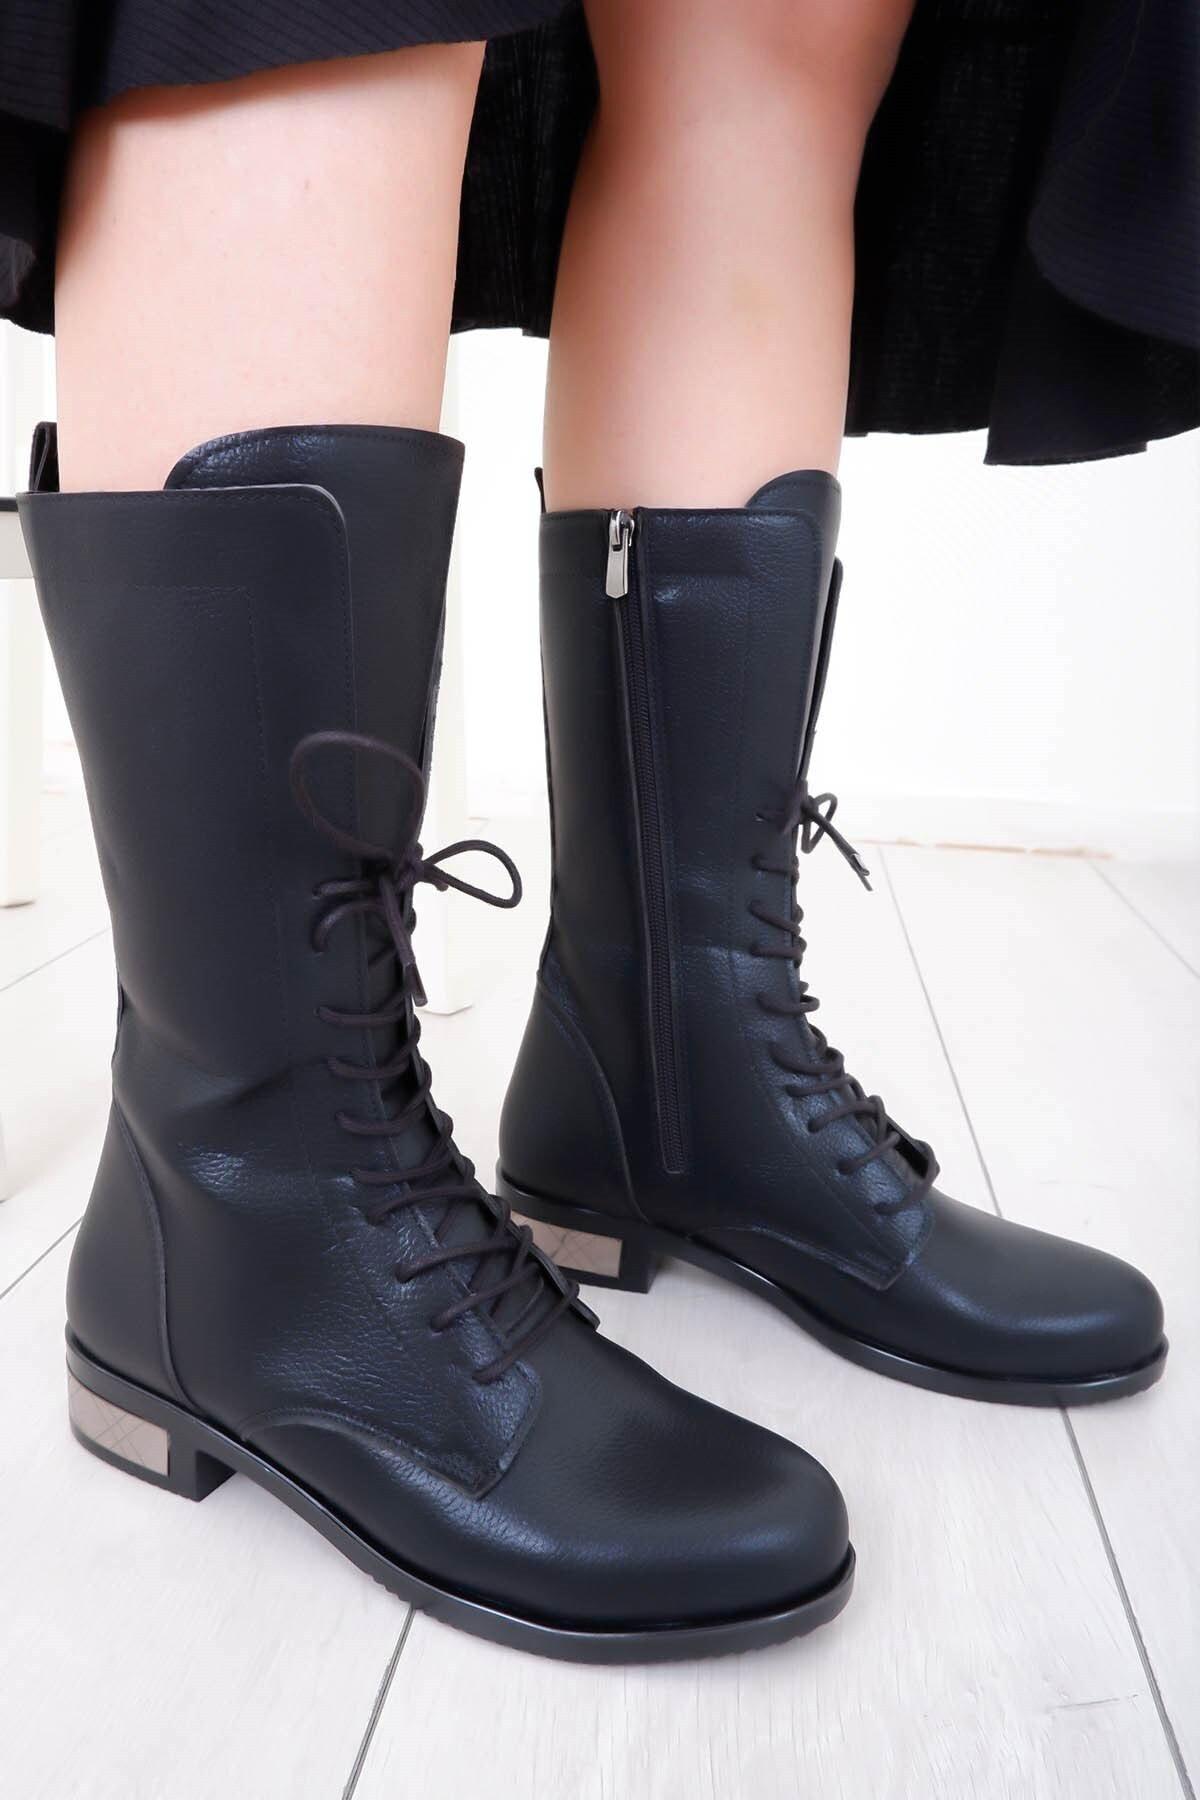 Tinka Bell Shoes K54 Kadın Bot Siyah 1